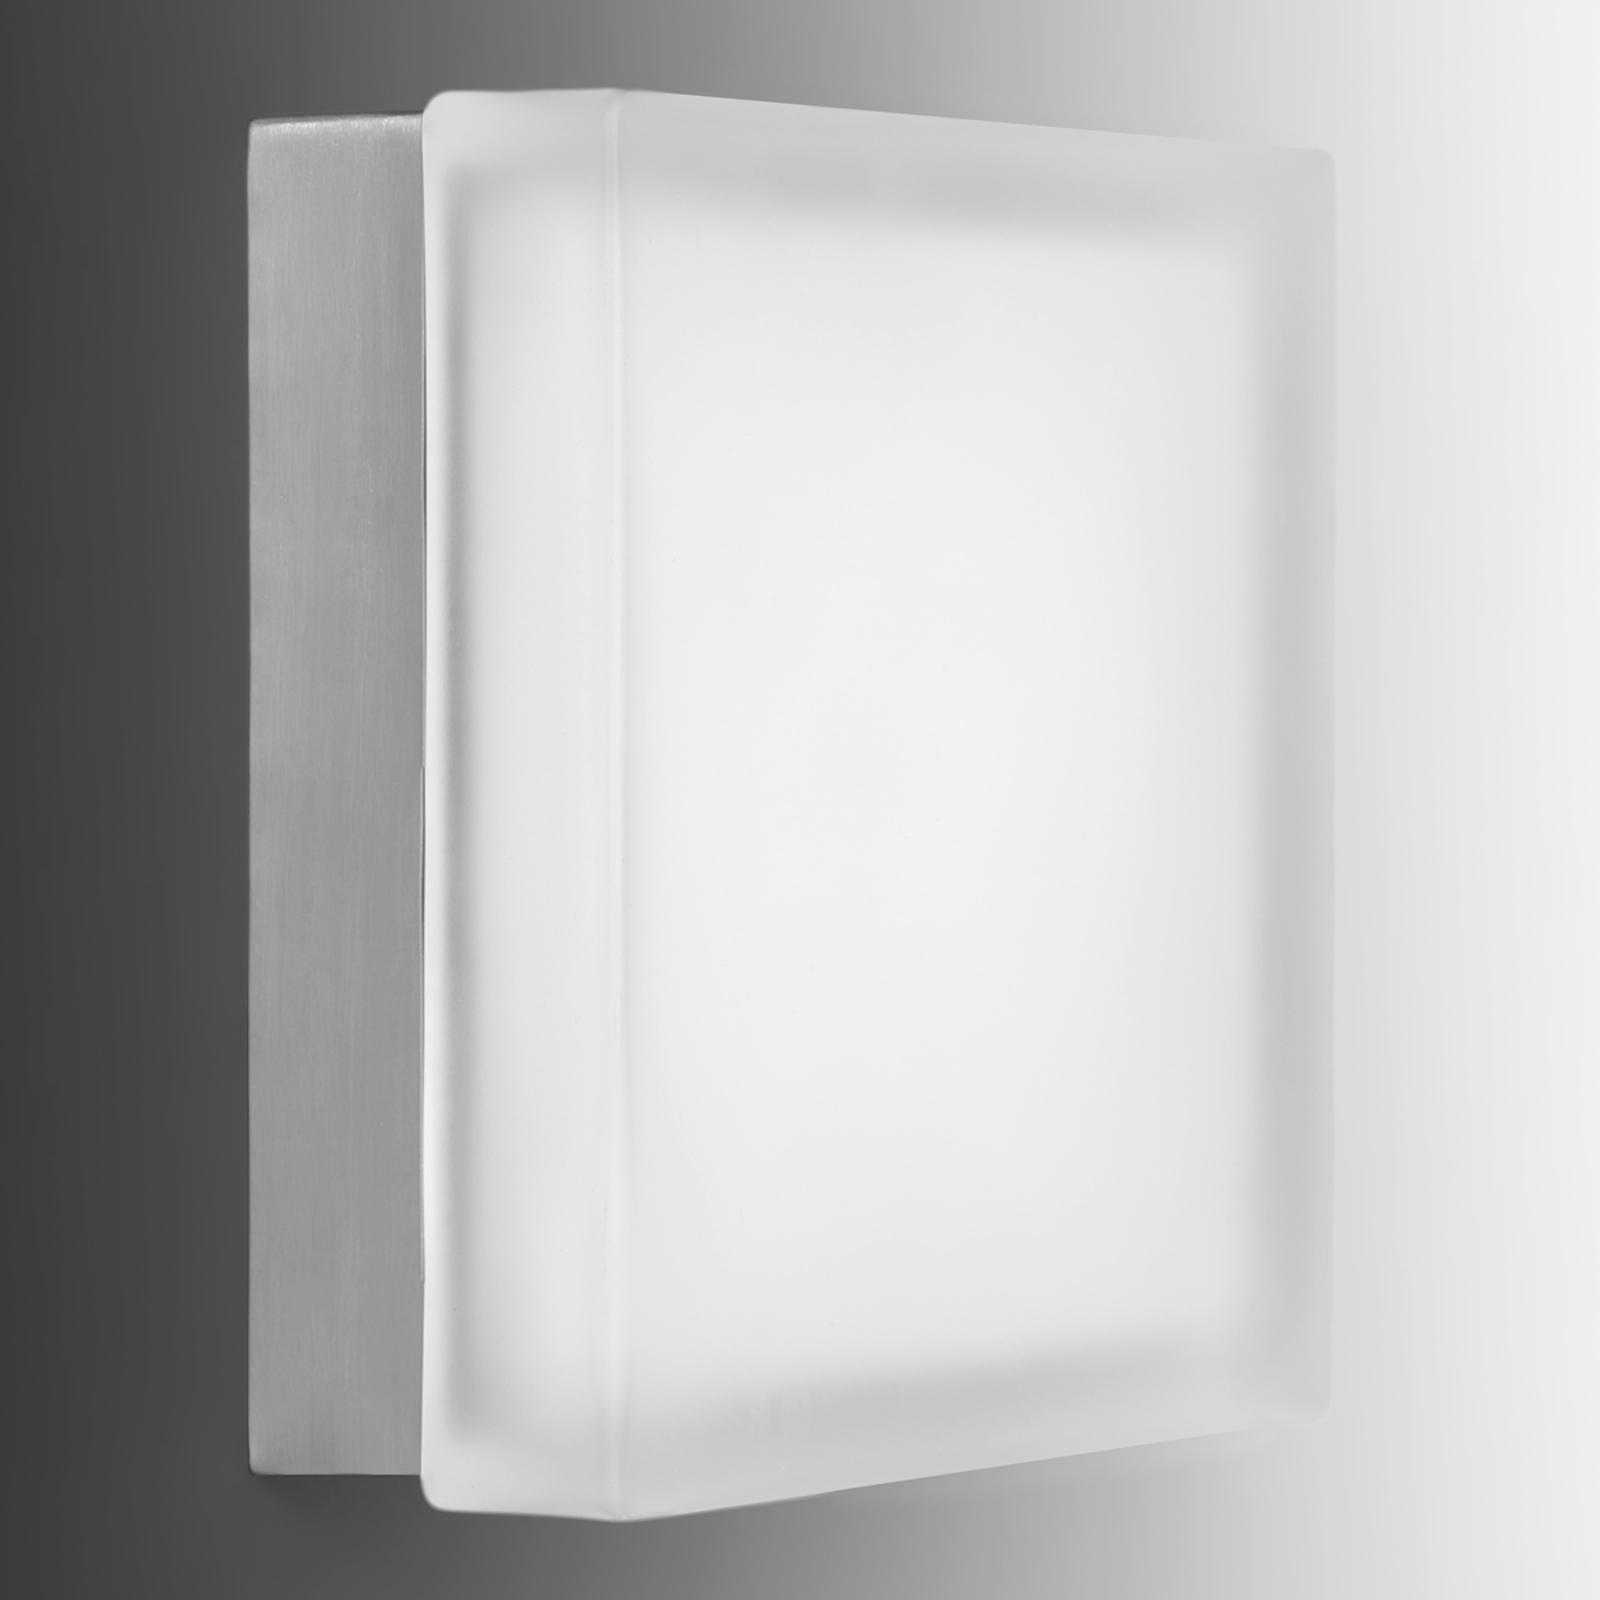 Moderne led wandlamp Briq 02L universeel wit